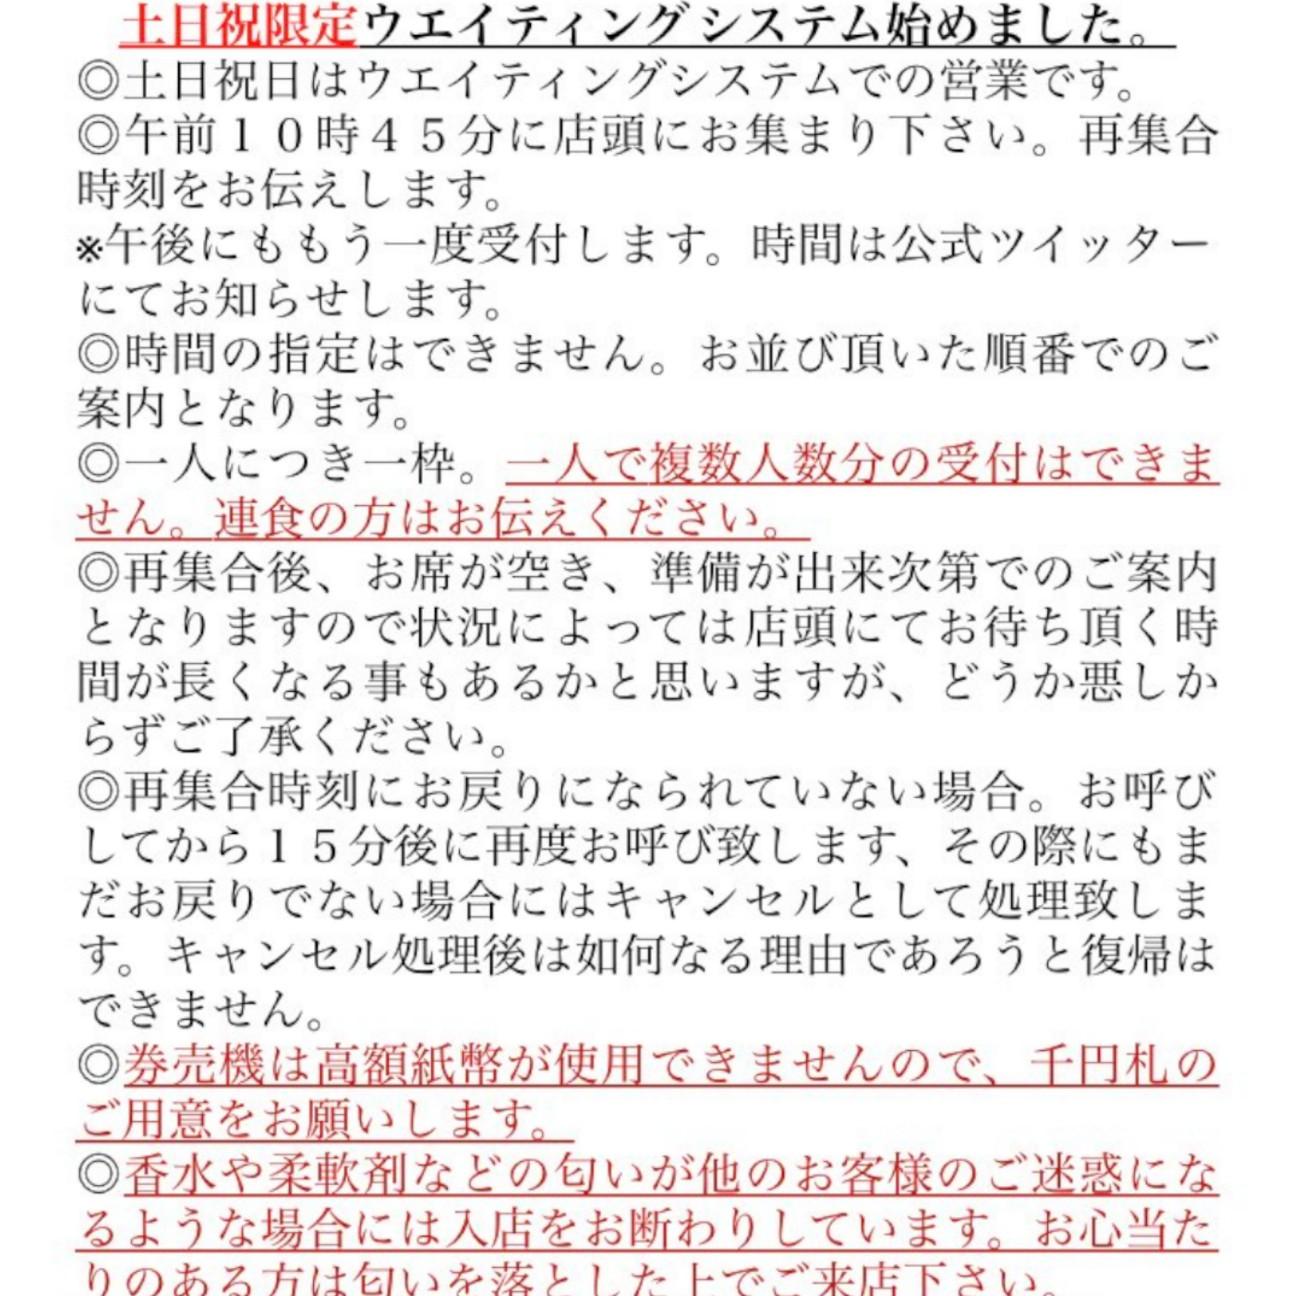 f:id:taku_run:20190625171743j:image